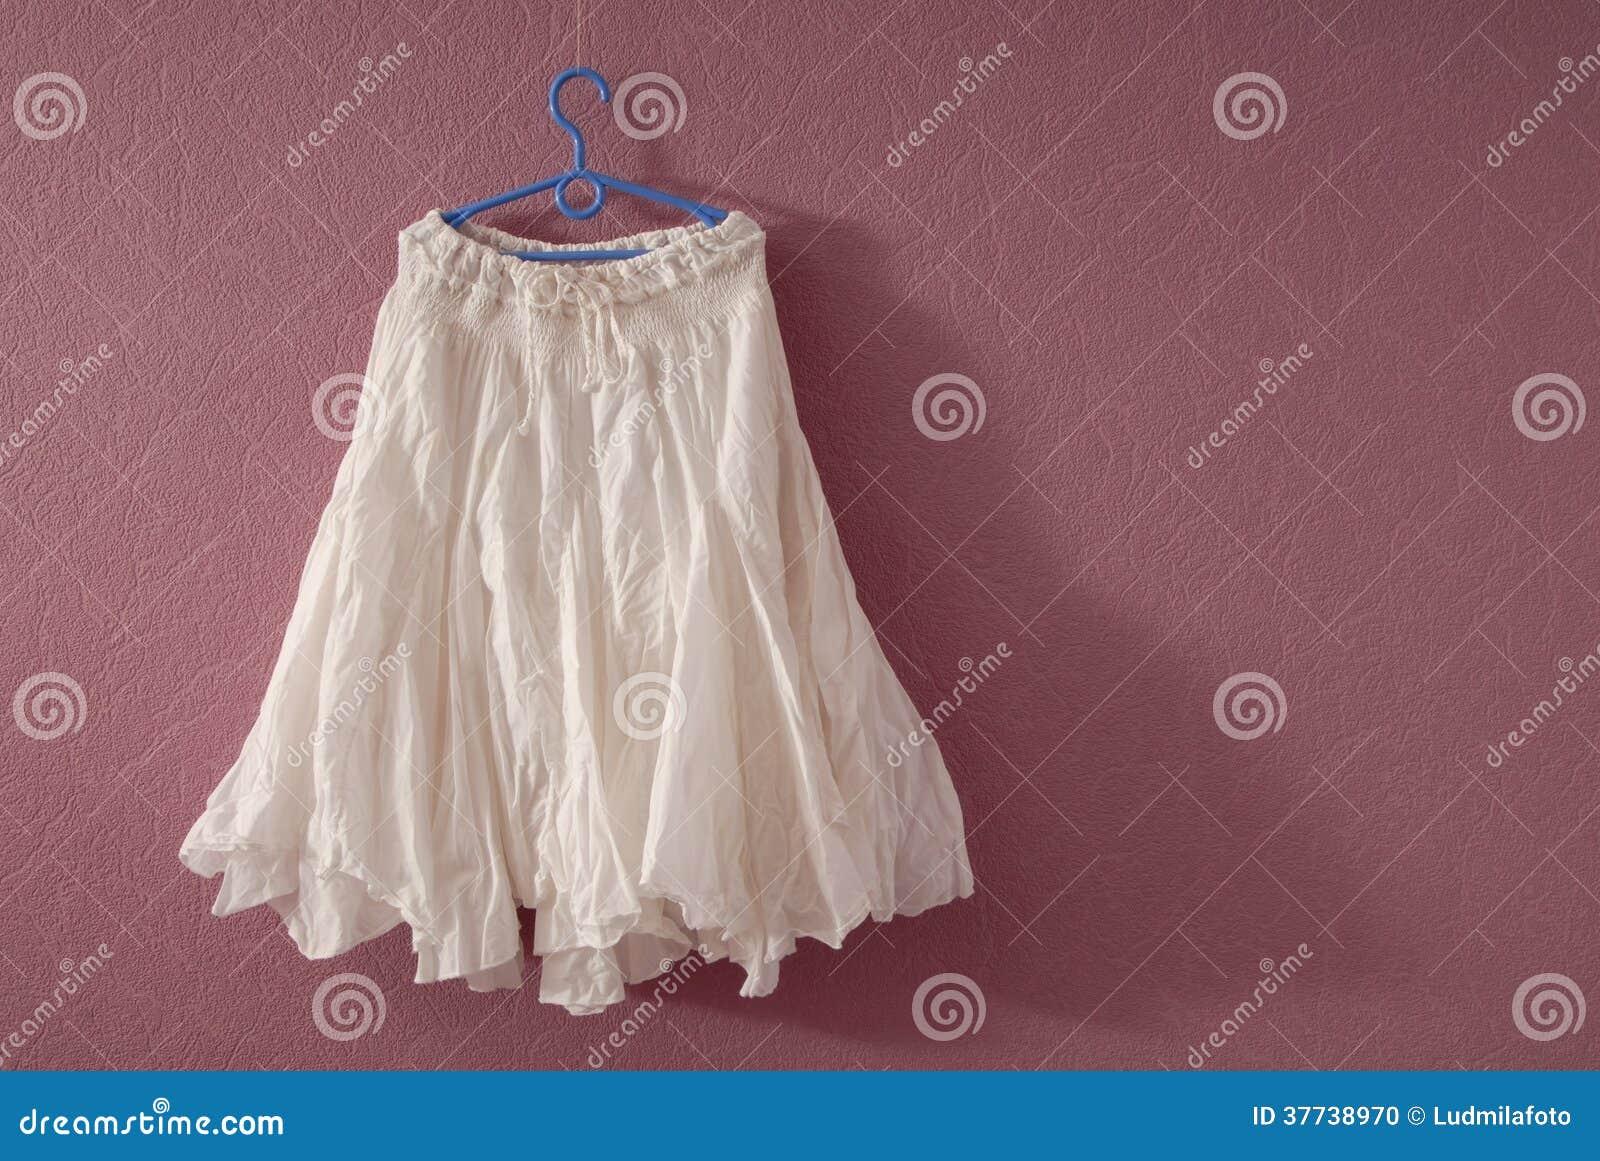 5624f6d2a2cadf Het Witte Katoen Flakkerde Rok Stock Foto - Afbeelding bestaande uit ...